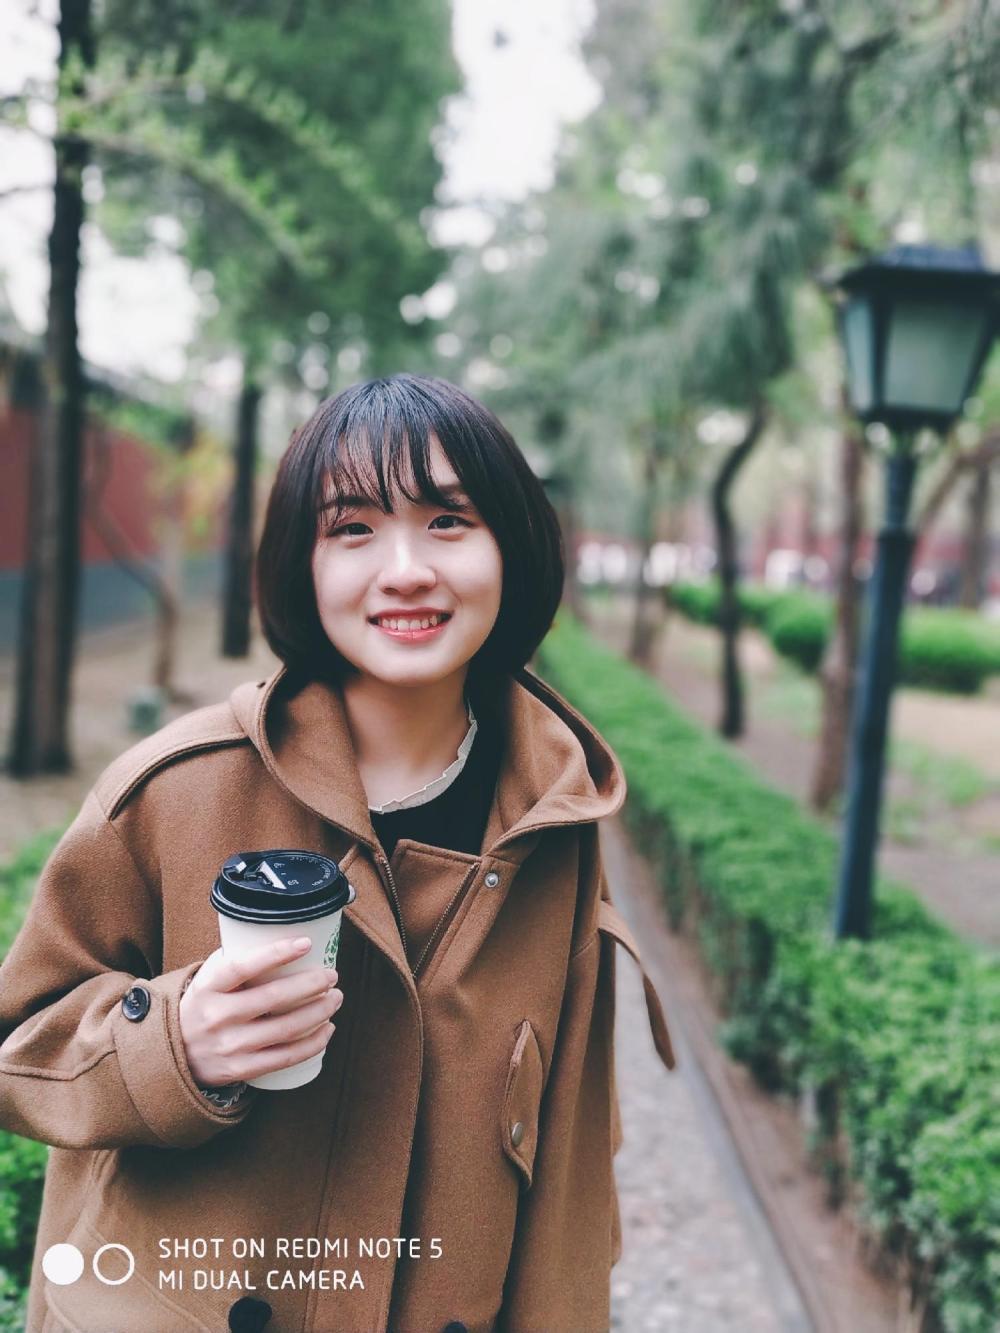 想搞懂AI双摄是什么, 看这位女生的照片就明白